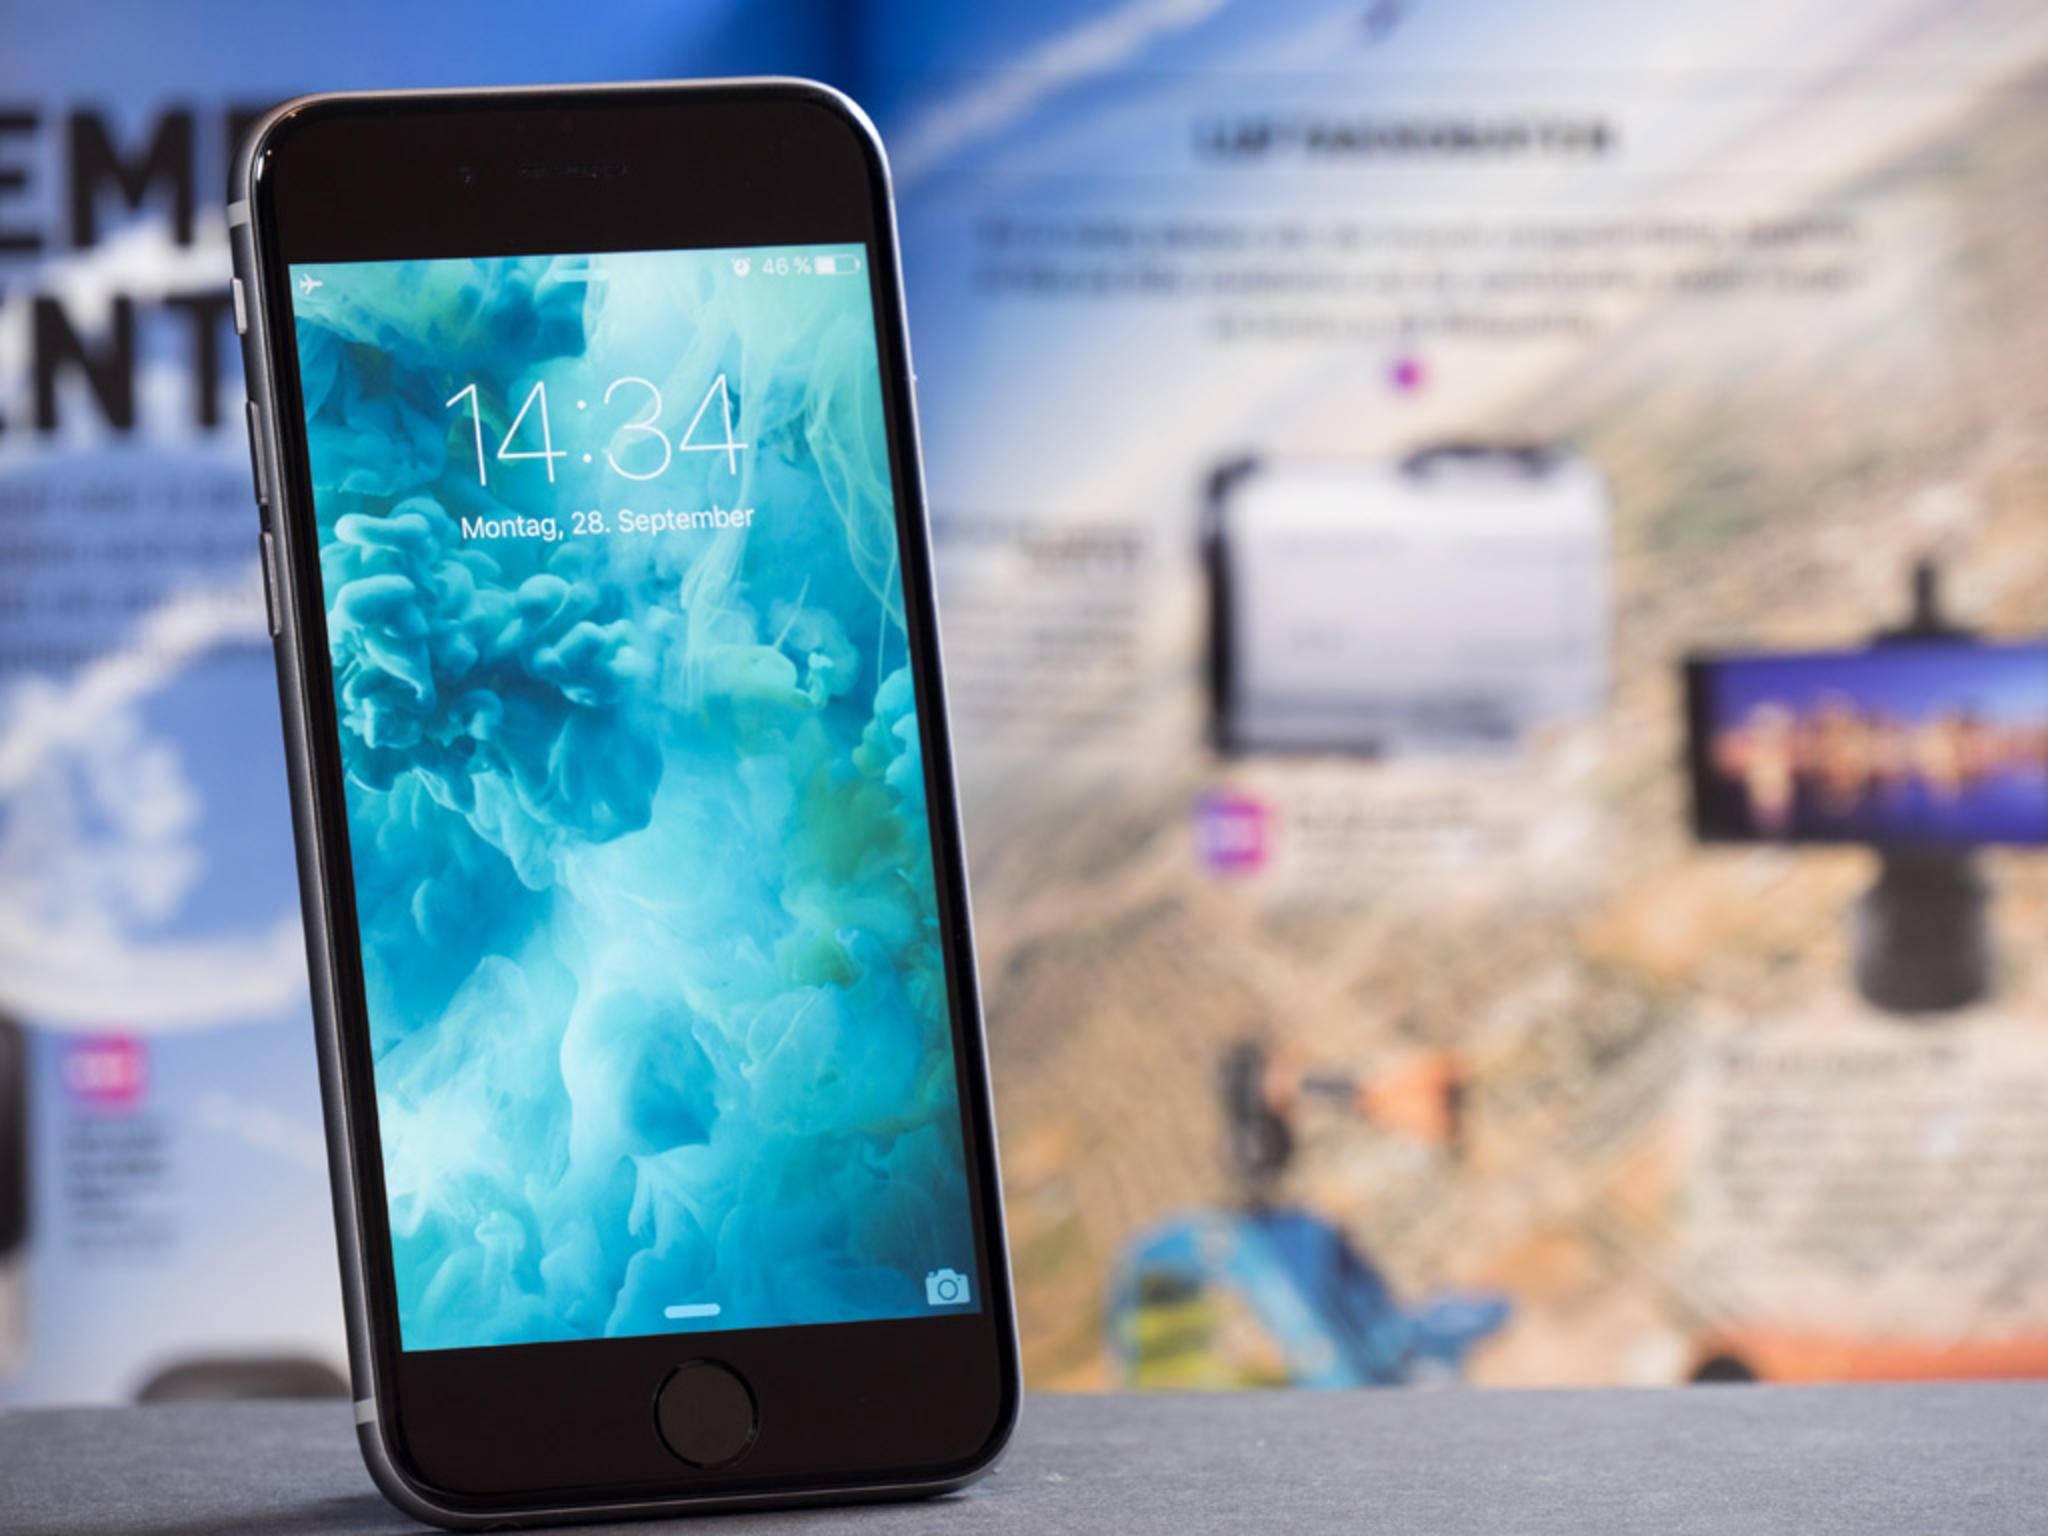 Die verbauten Chips im iPhone 6s sollen keinen Einfluss auf den Akku haben.